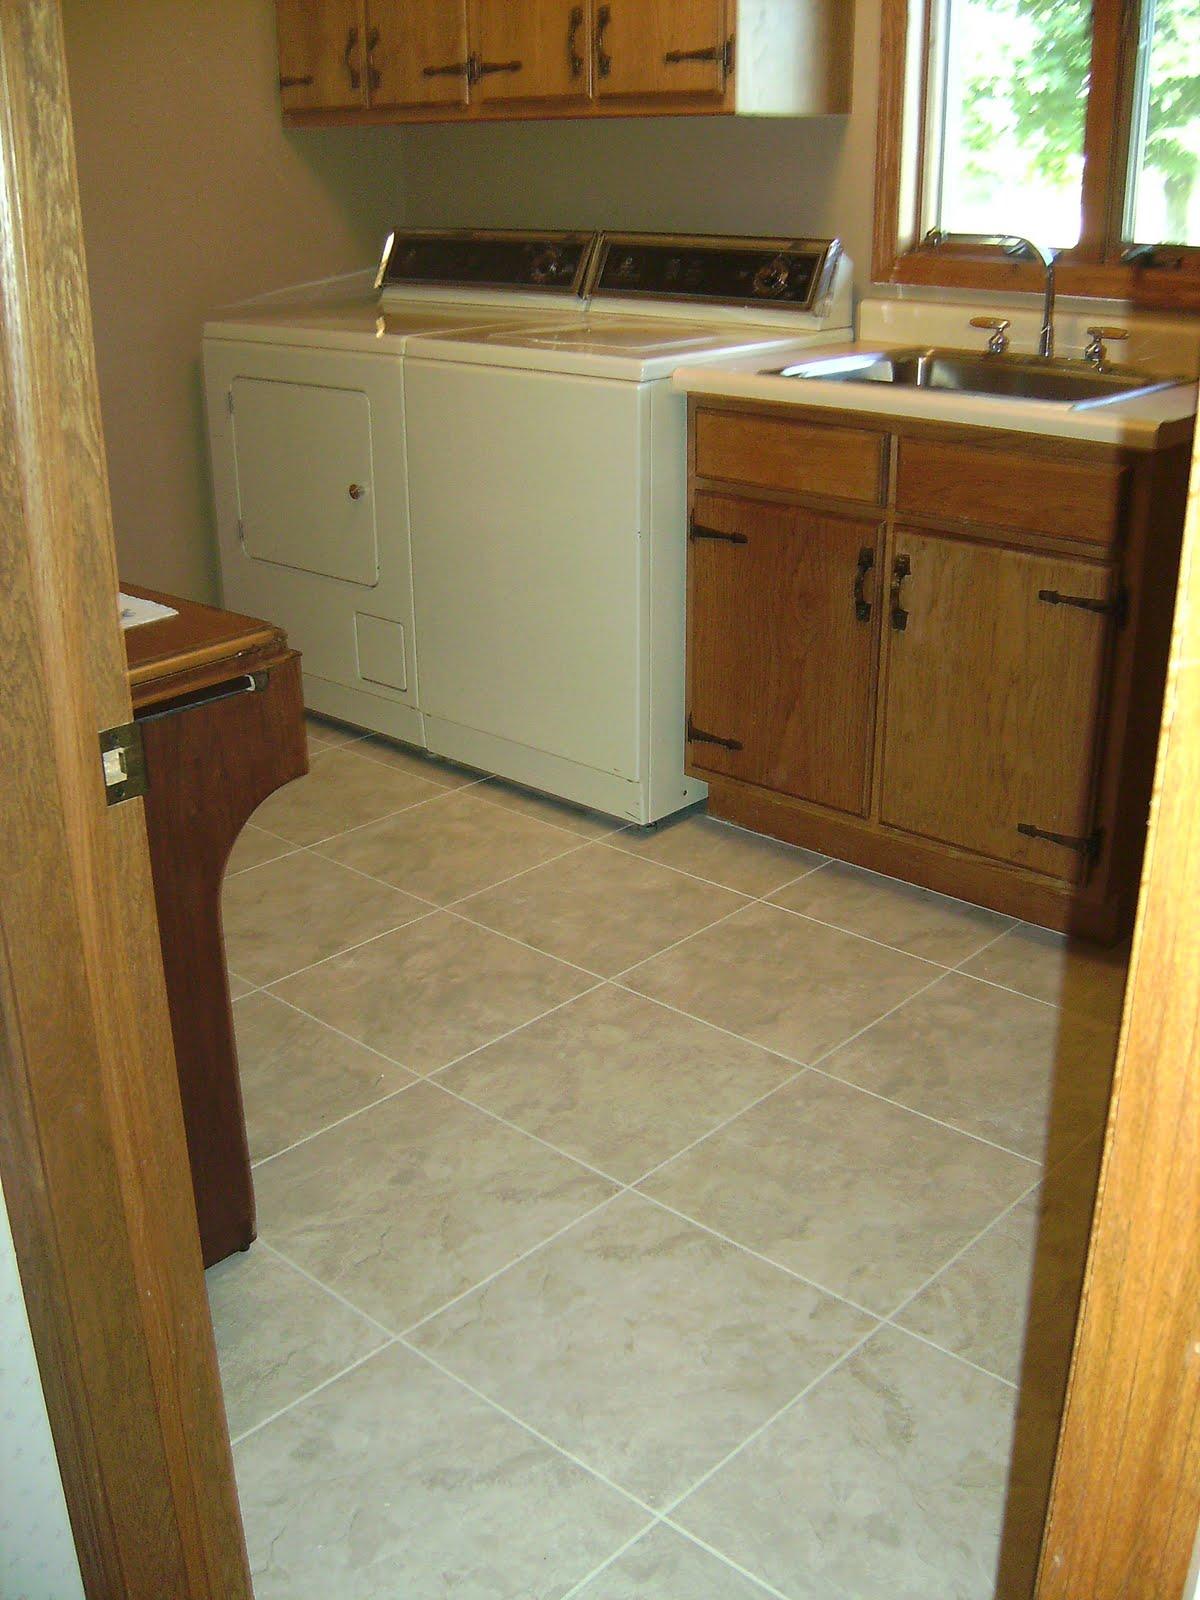 Knapp Tile and Flooring, Inc.: Luxury Vinyl Tile - Laundry ...